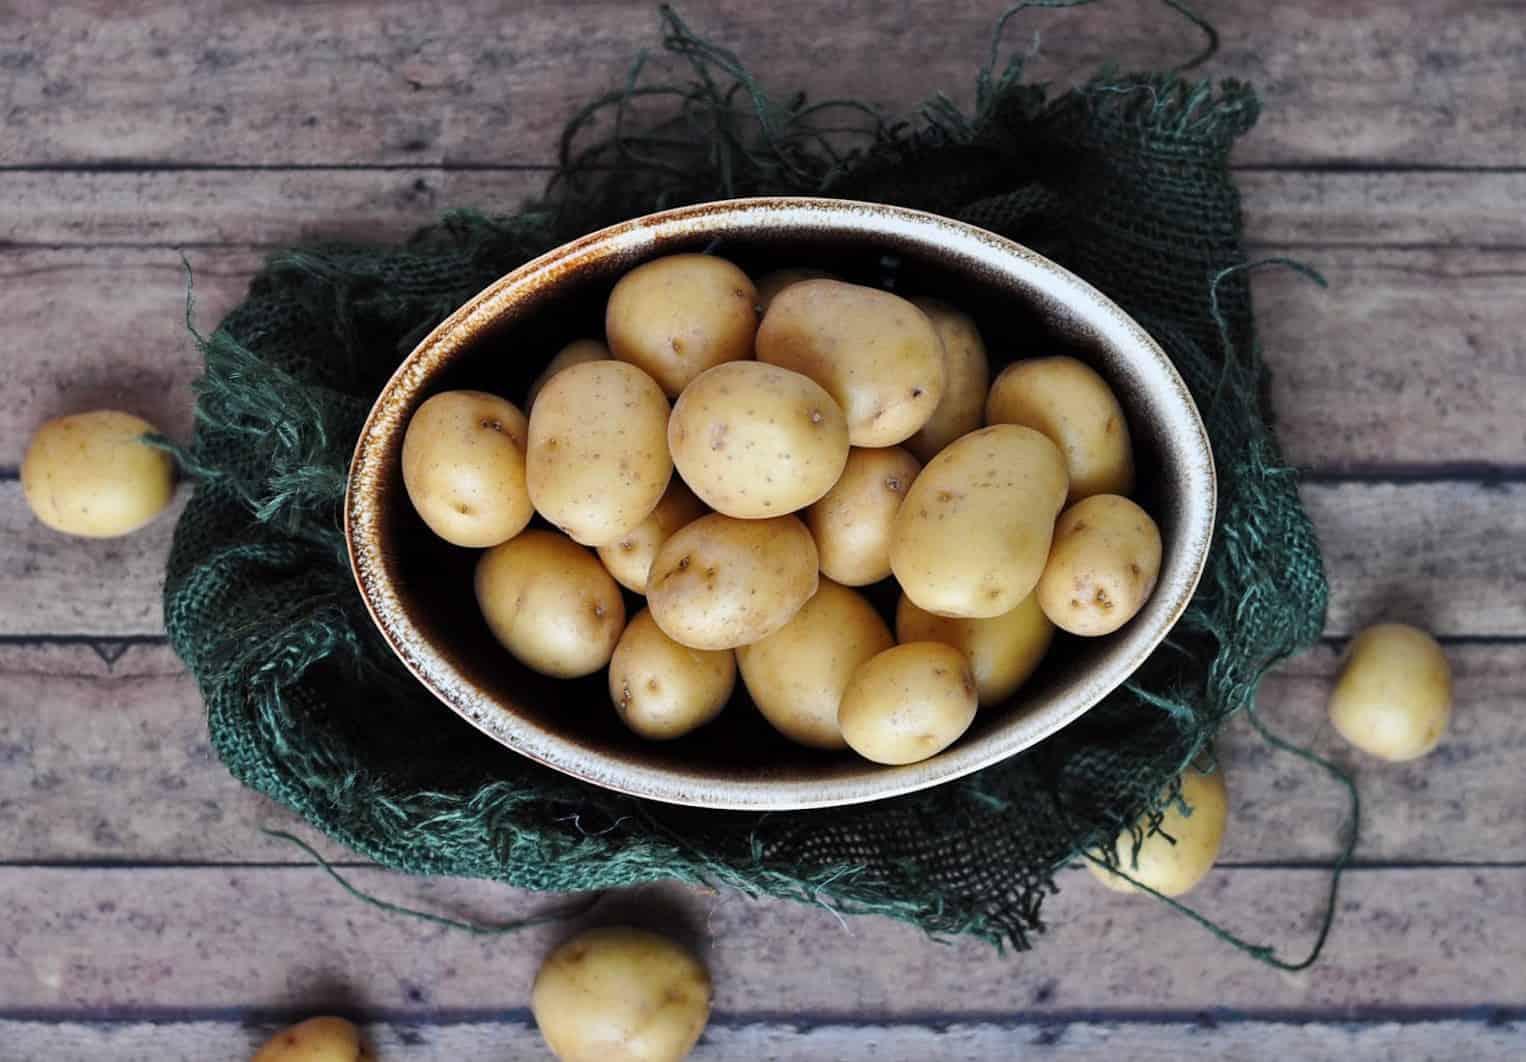 Khoai tây và tinh bột giúp tăng cân